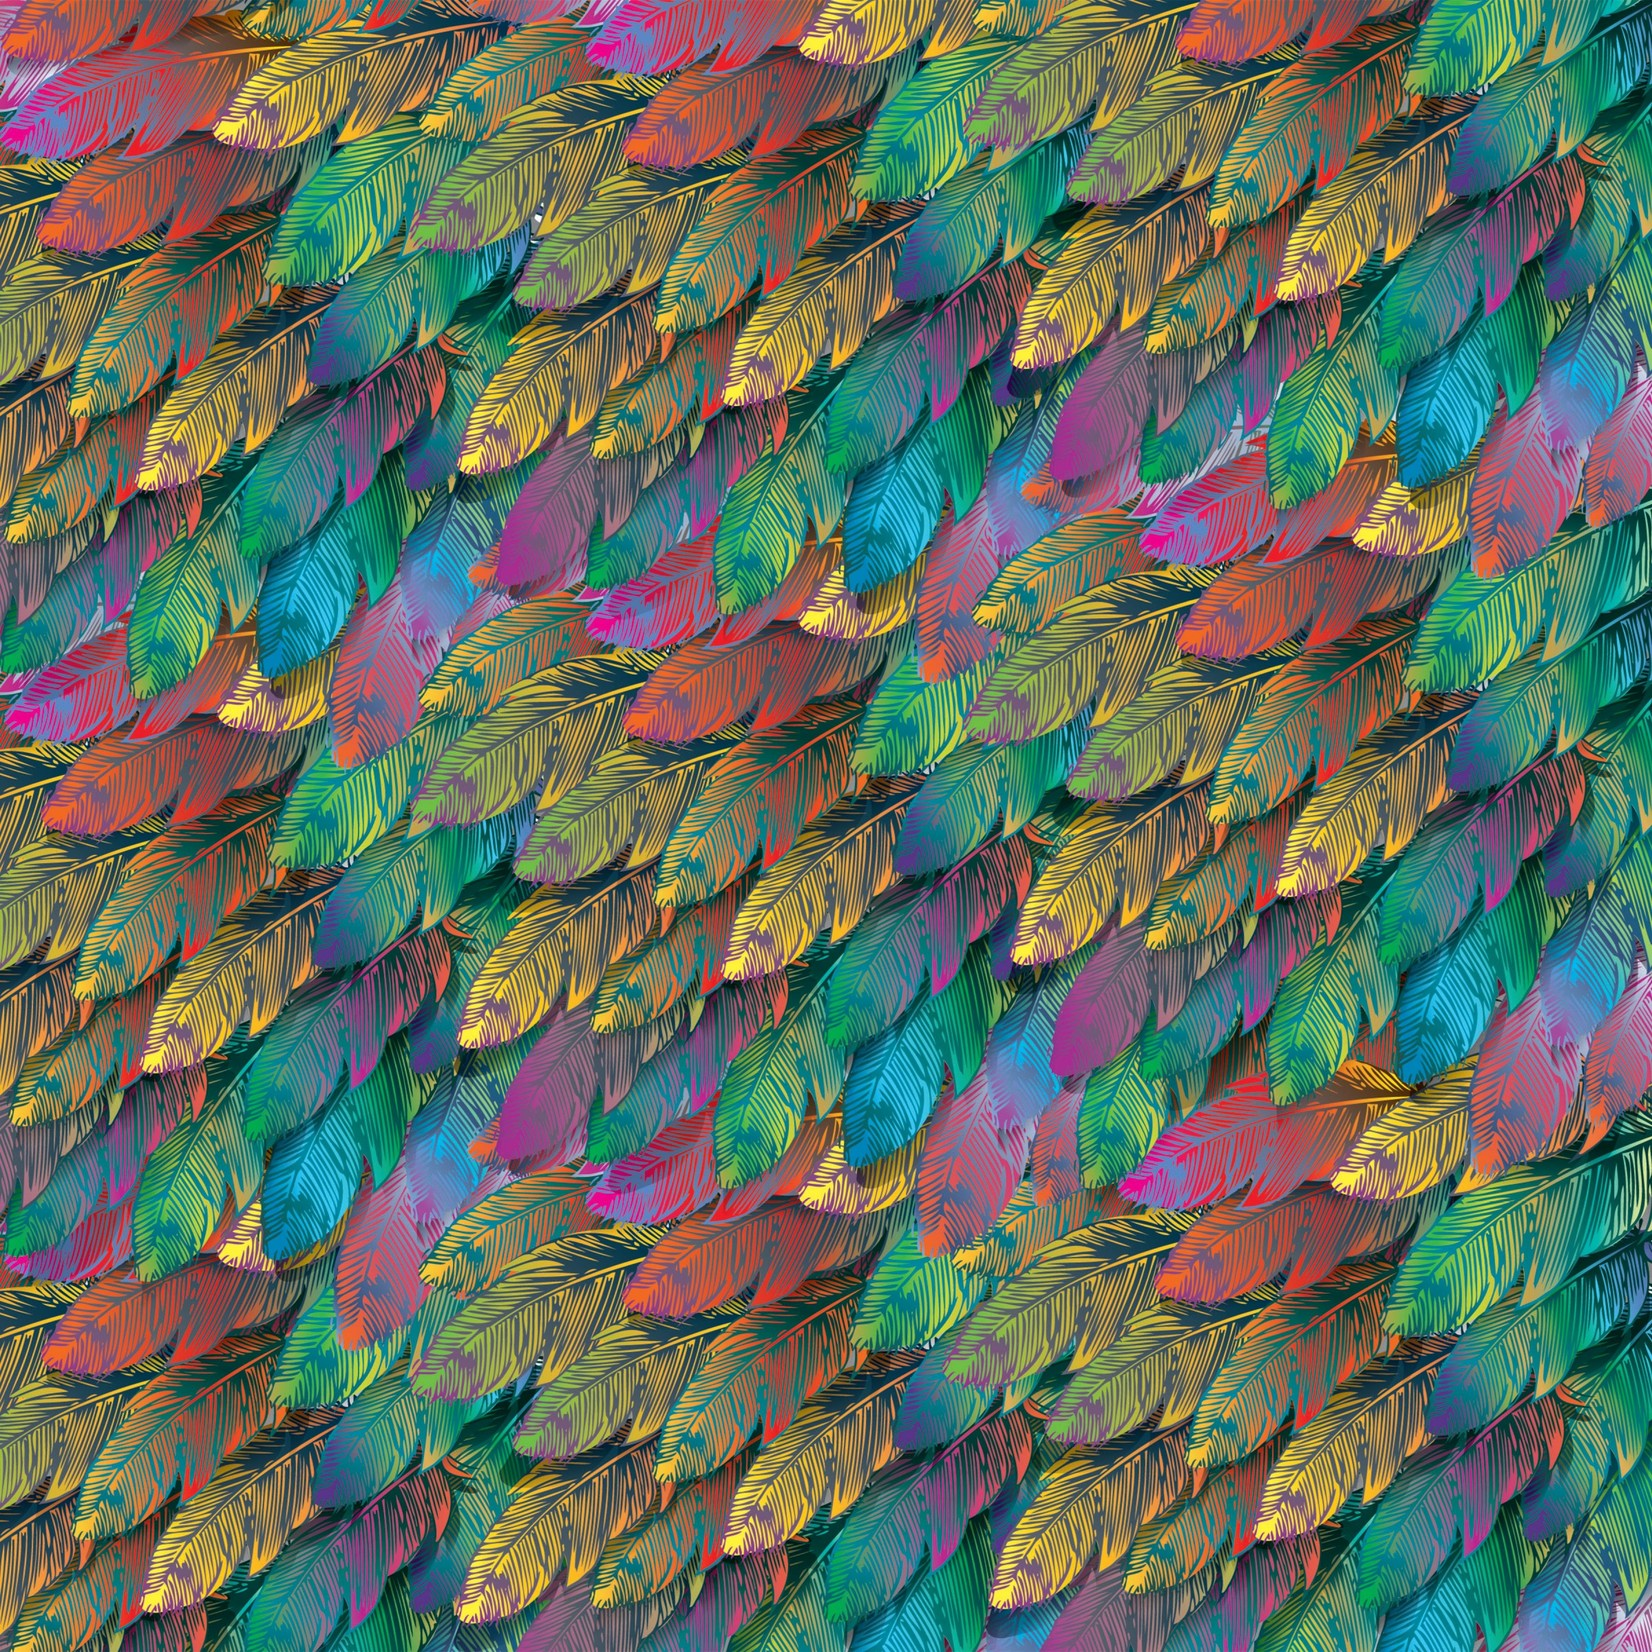 TVD Rainbow Feathers